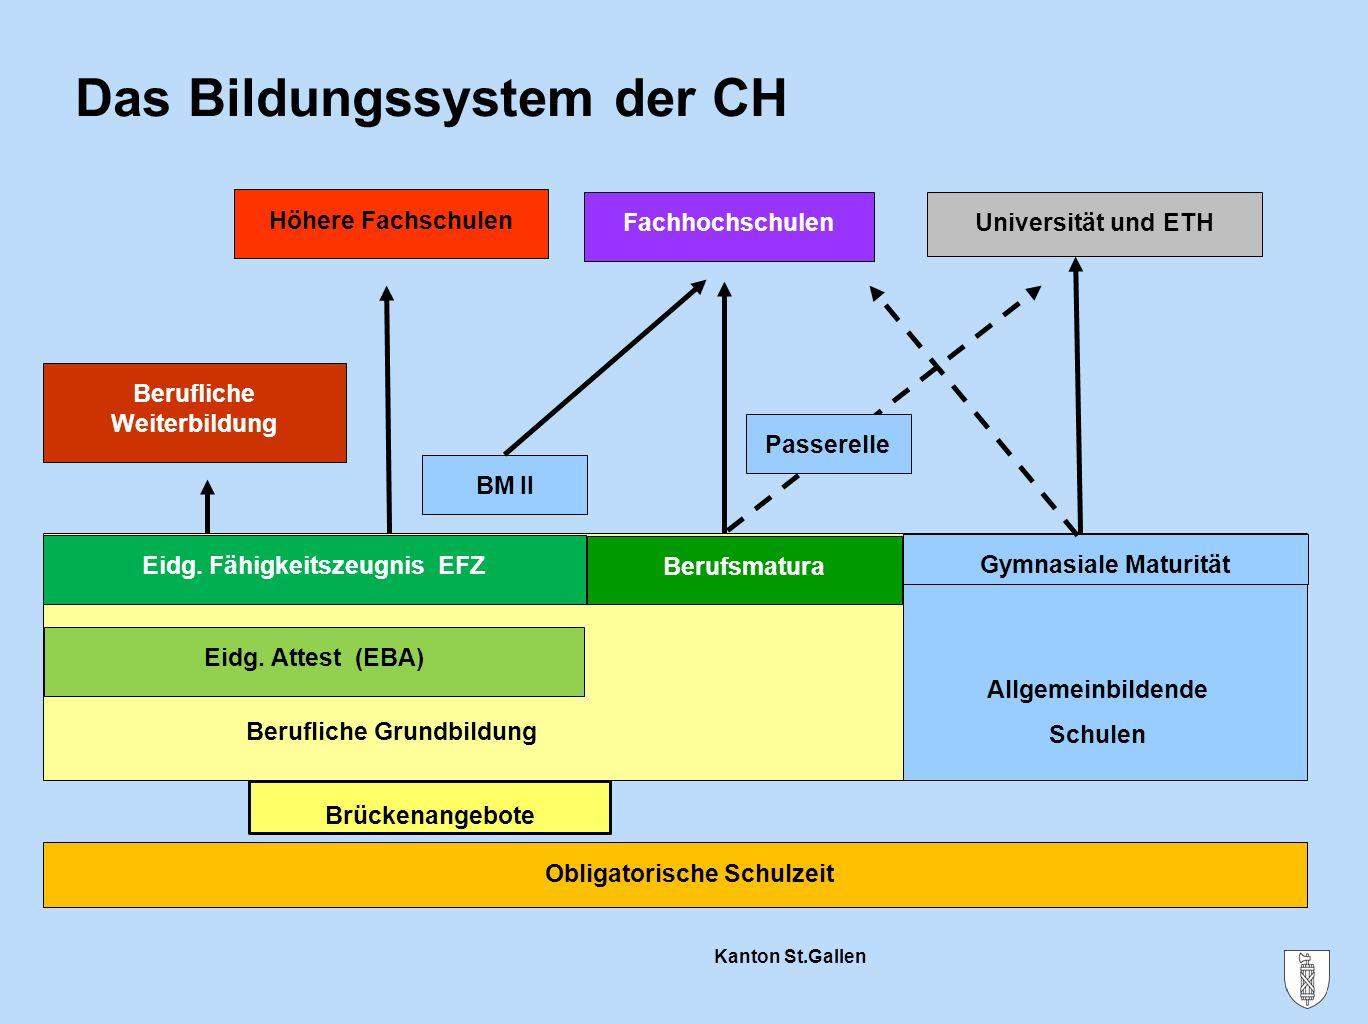 Das Bildungssystem der CH